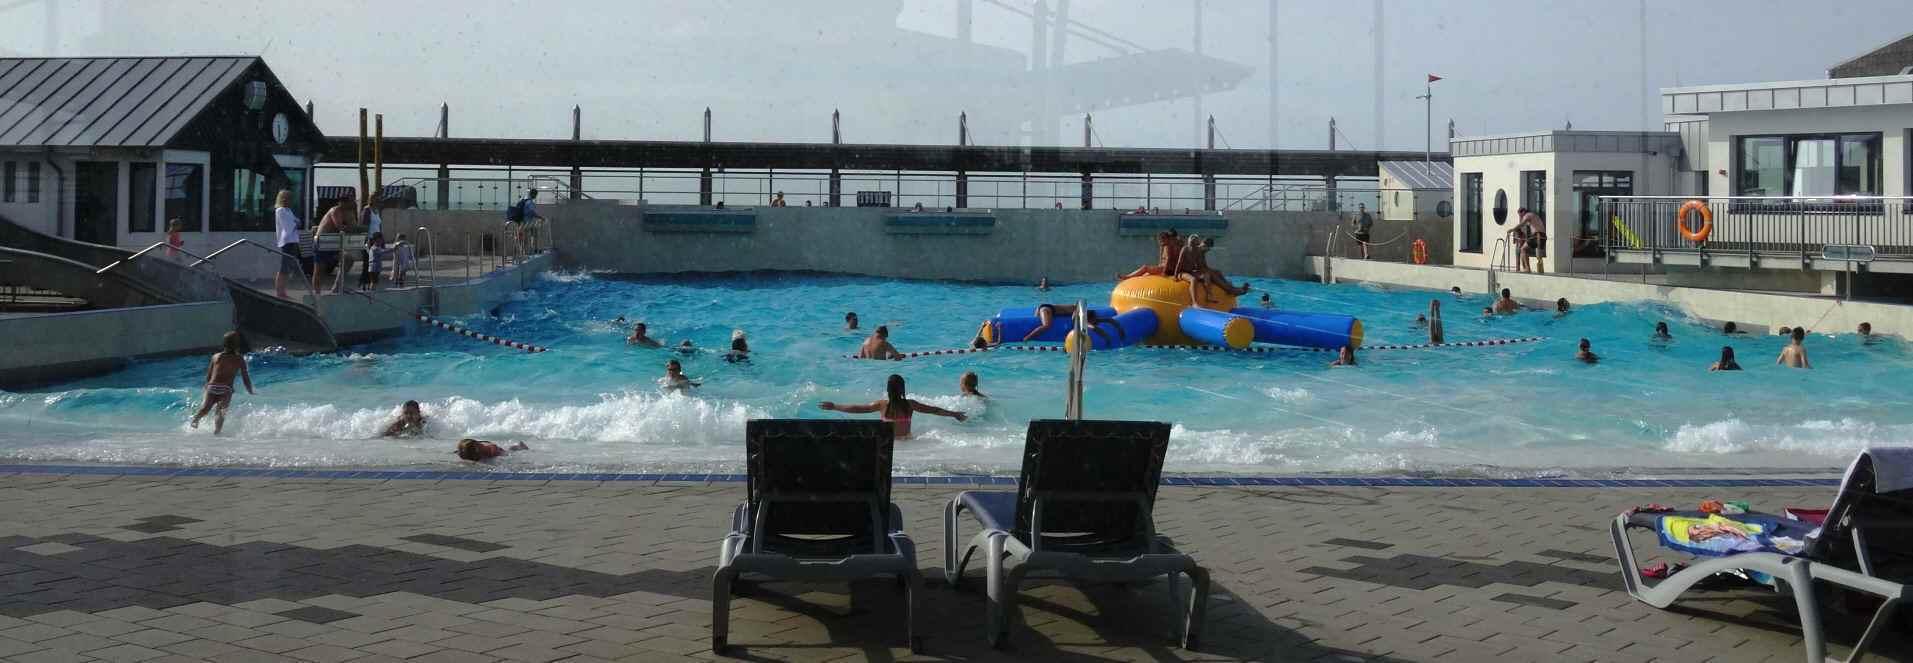 Hier das neue Wellenfreibad. Eröffnet wurde es im Jahr 2014 mit einem Hallenbad. Großartig